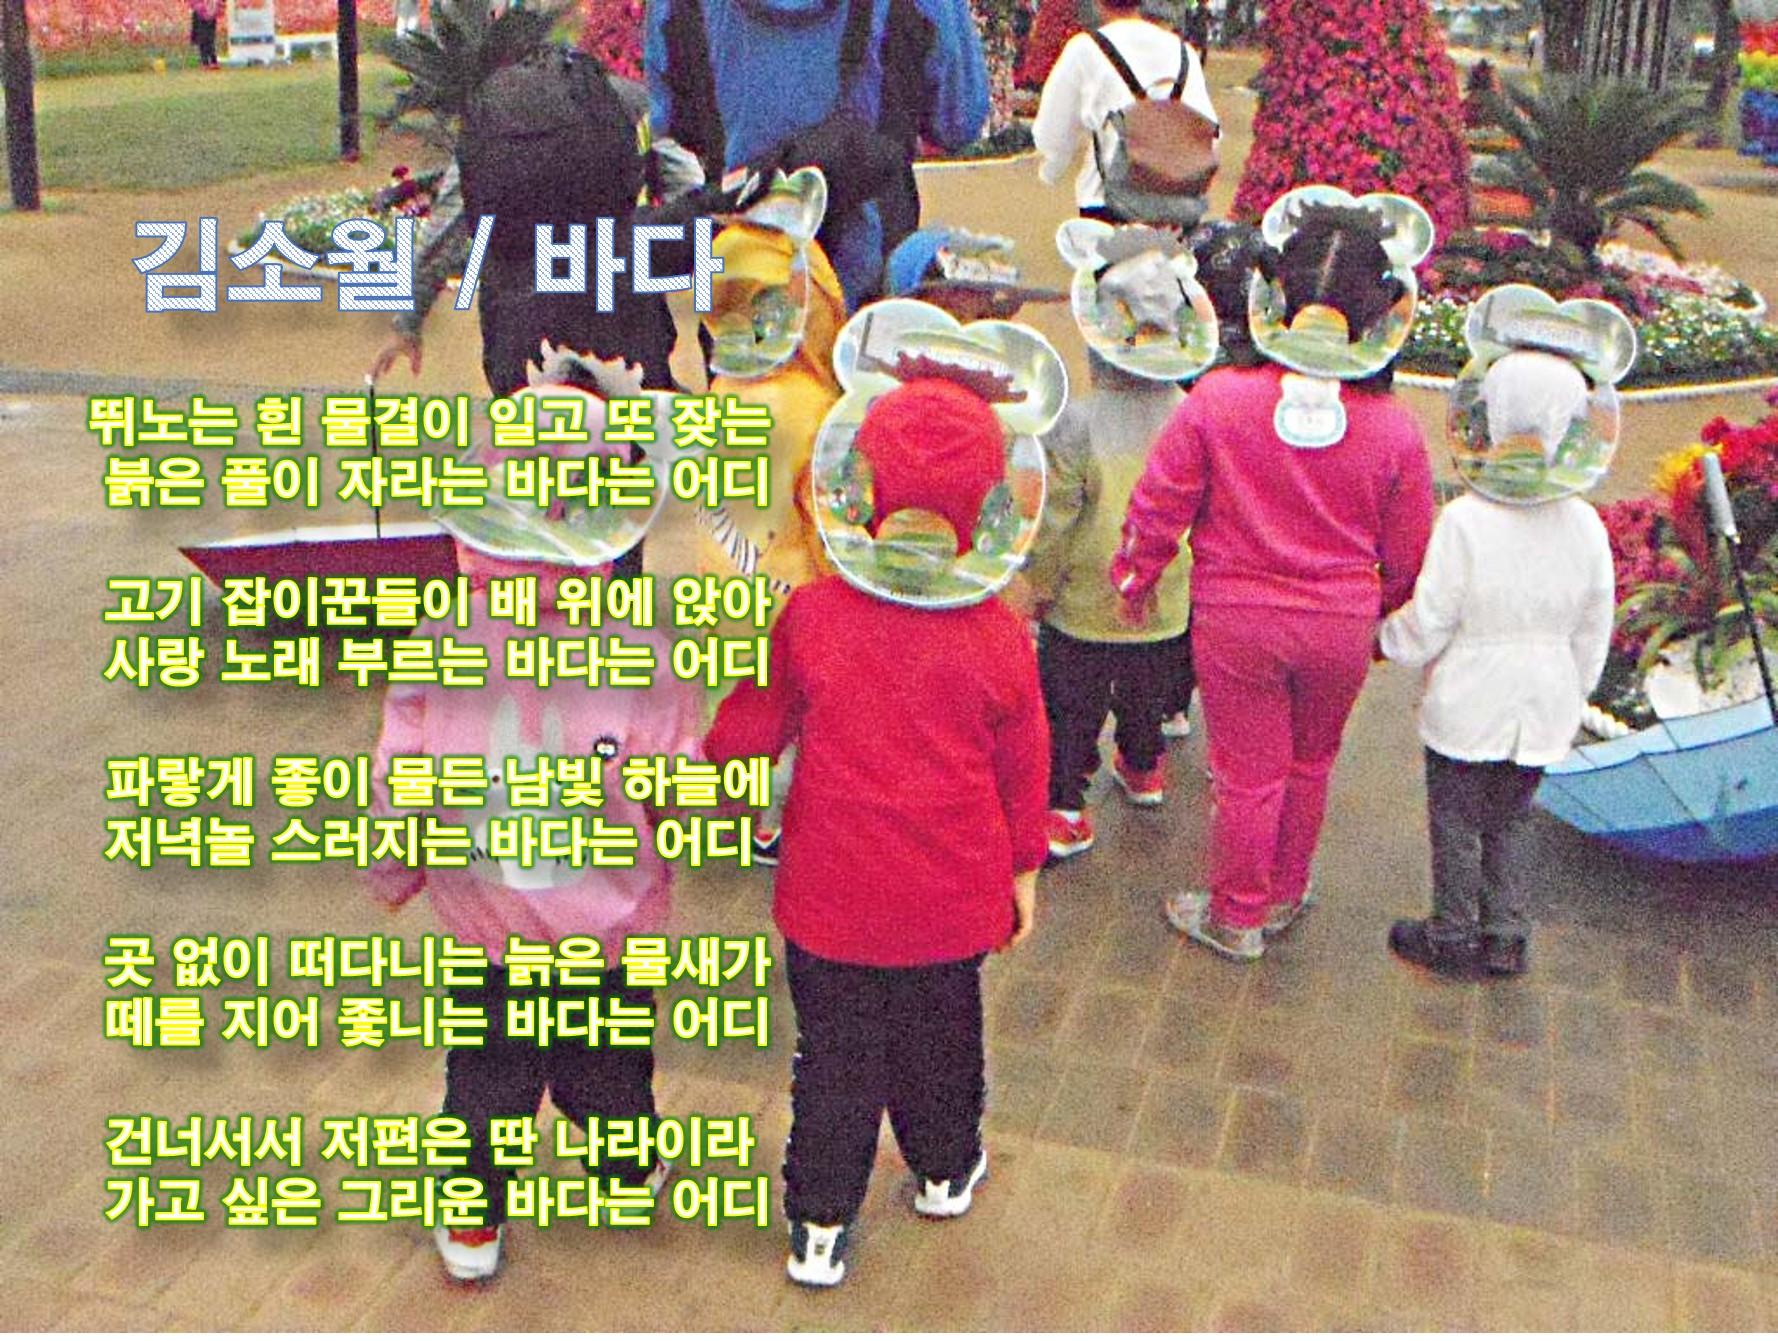 이 글은 파워포인트에서 만든 이미지입니다  초혼 / 김소월